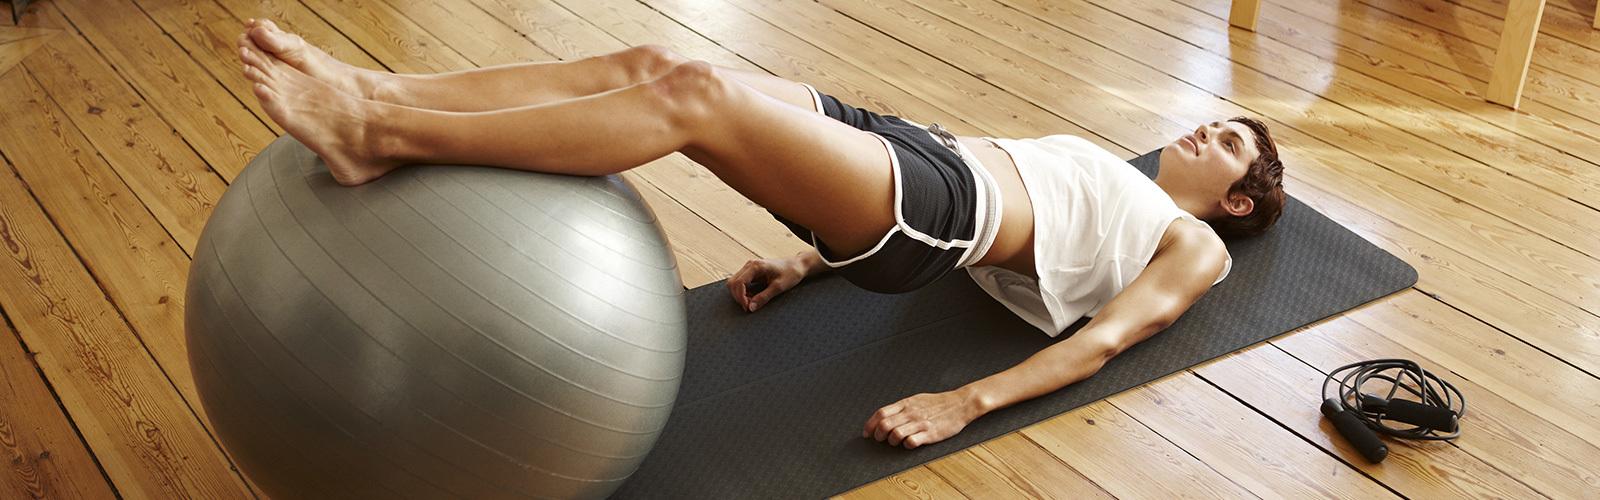 Eine Frau beim Pilates-Training mit einem Medizinball.